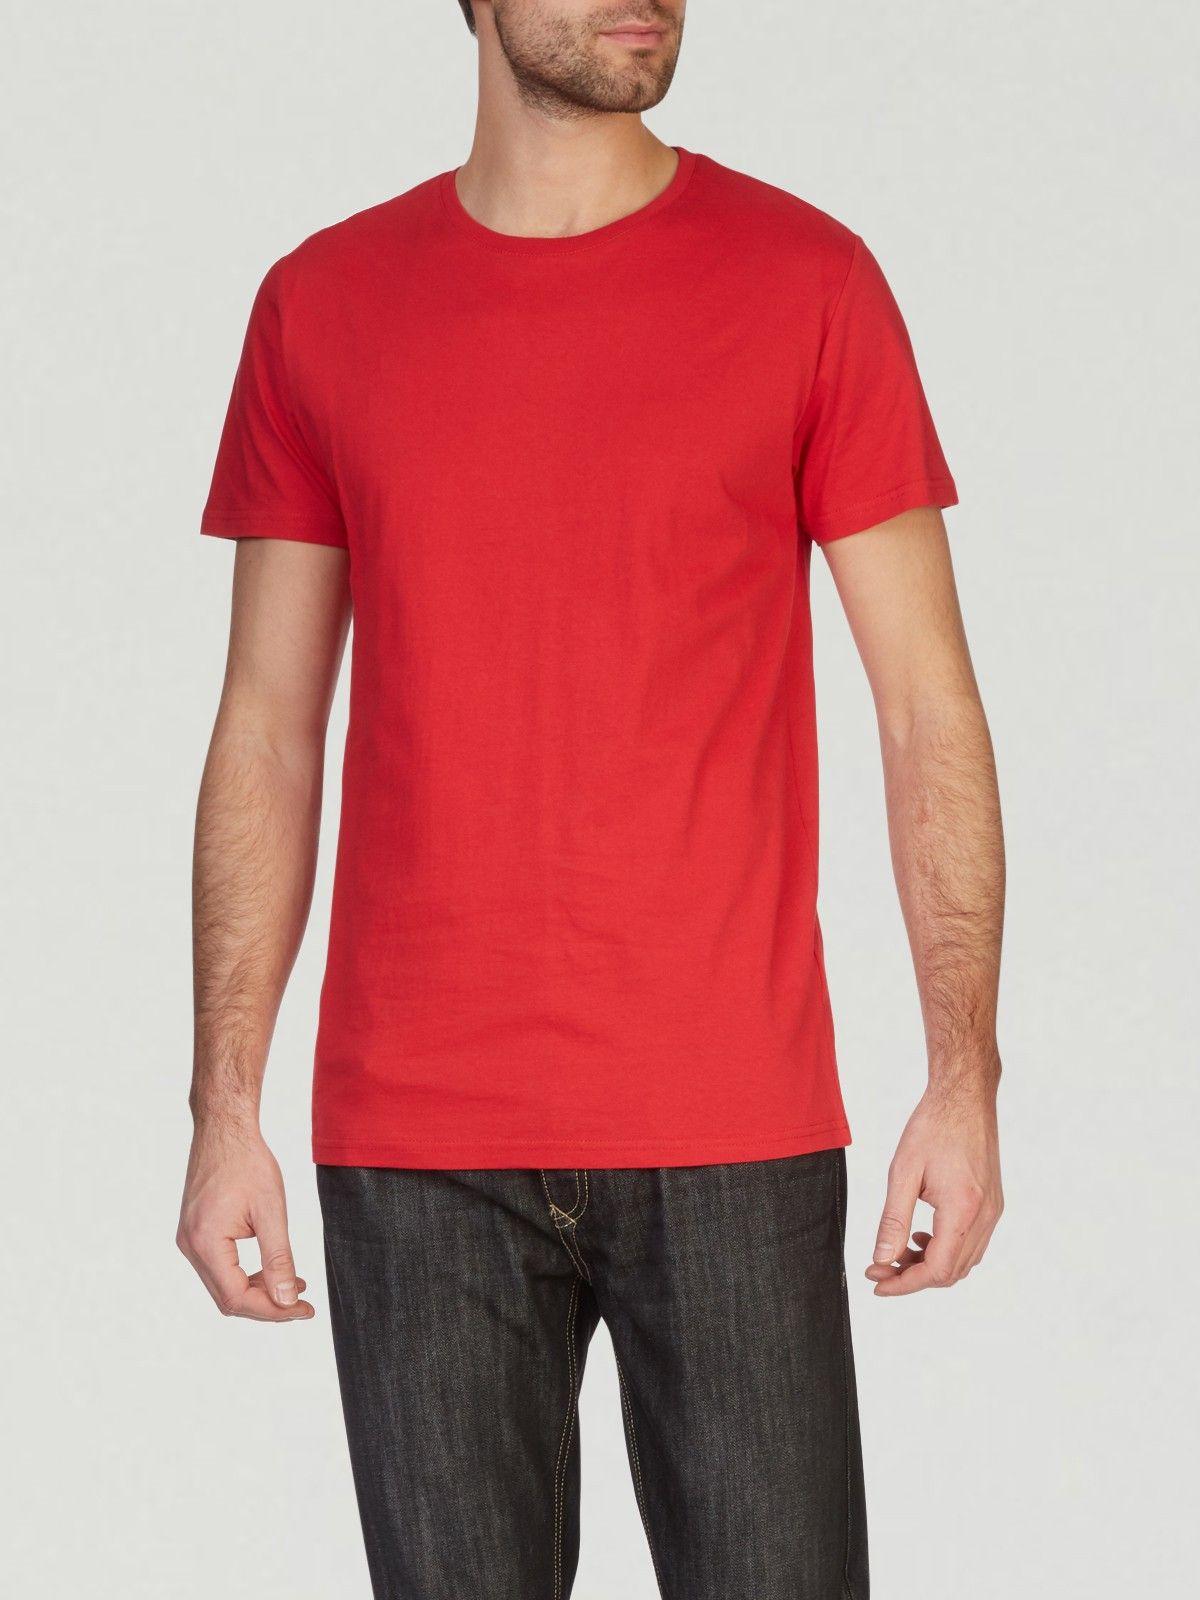 86f23915443 T-shirt coton uni coupe droite Rouge – T-shirt pour homme – LH – Uni ...